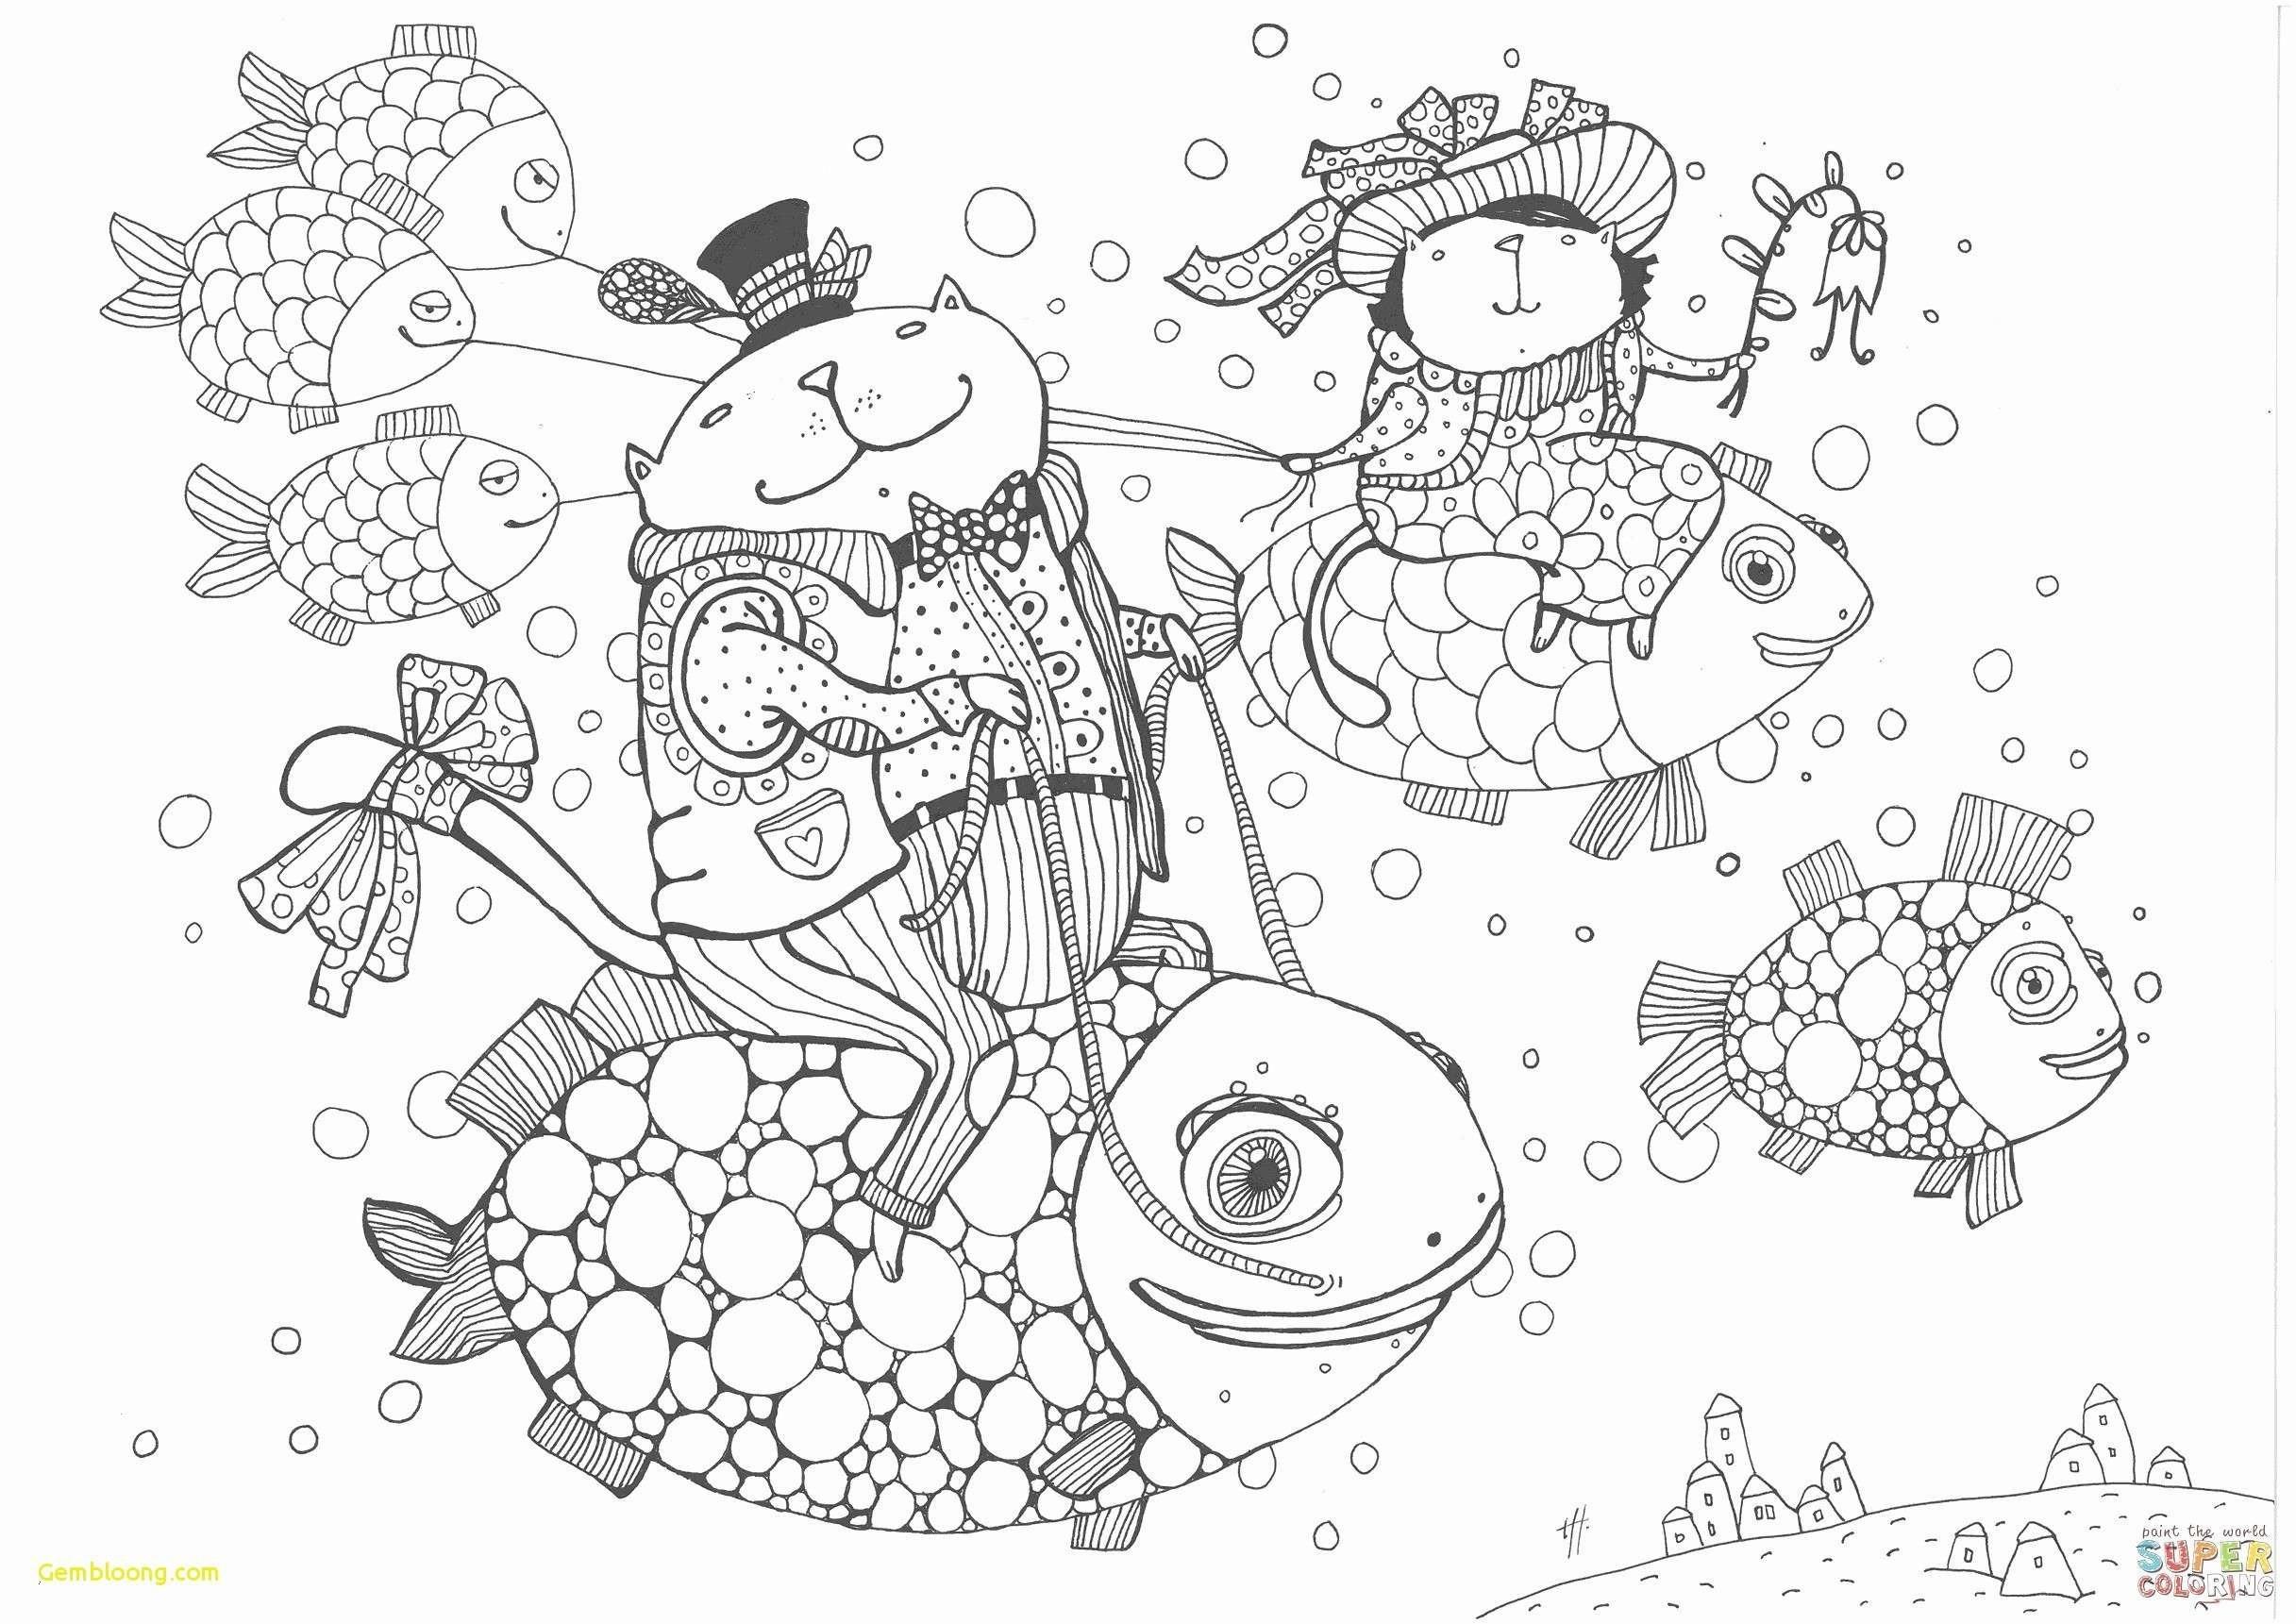 Pokemon Ausmalbilder sonne Und Mond Inspirierend Ausmalbilder sonne Genial 40 Ausmalbilder Tier Scoredatscore Fotos